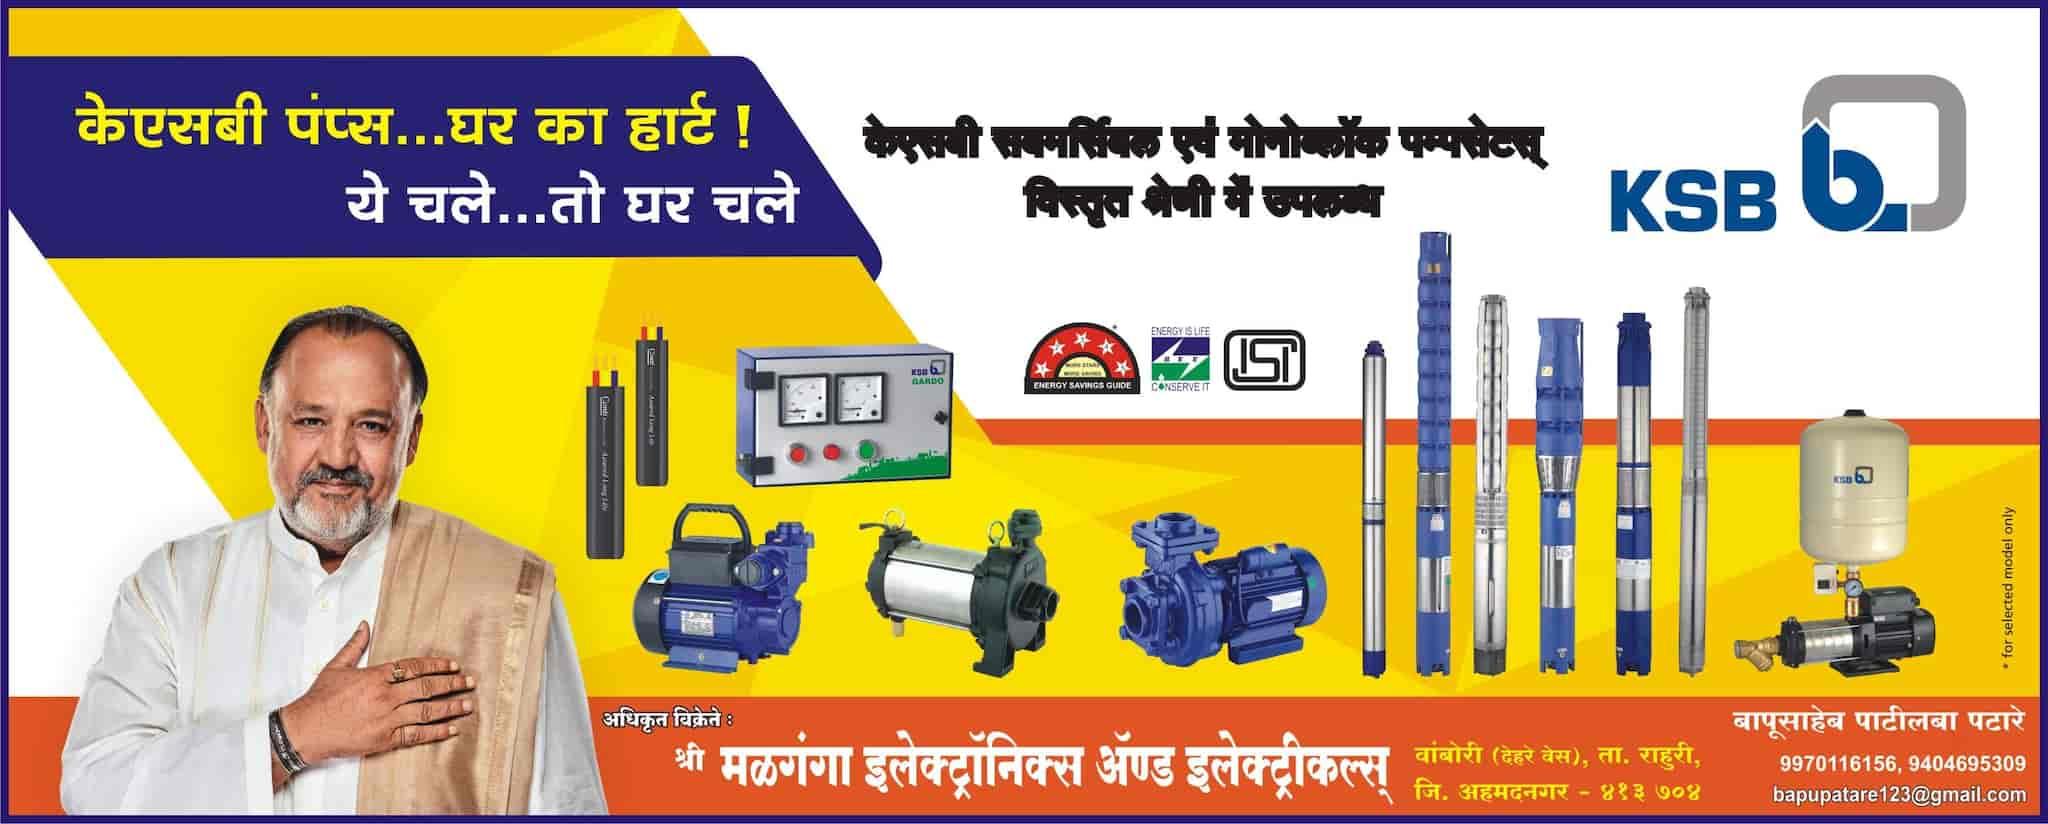 KSB Pumps Ltd, Vambori - Submersible Pump Dealers-KSB in